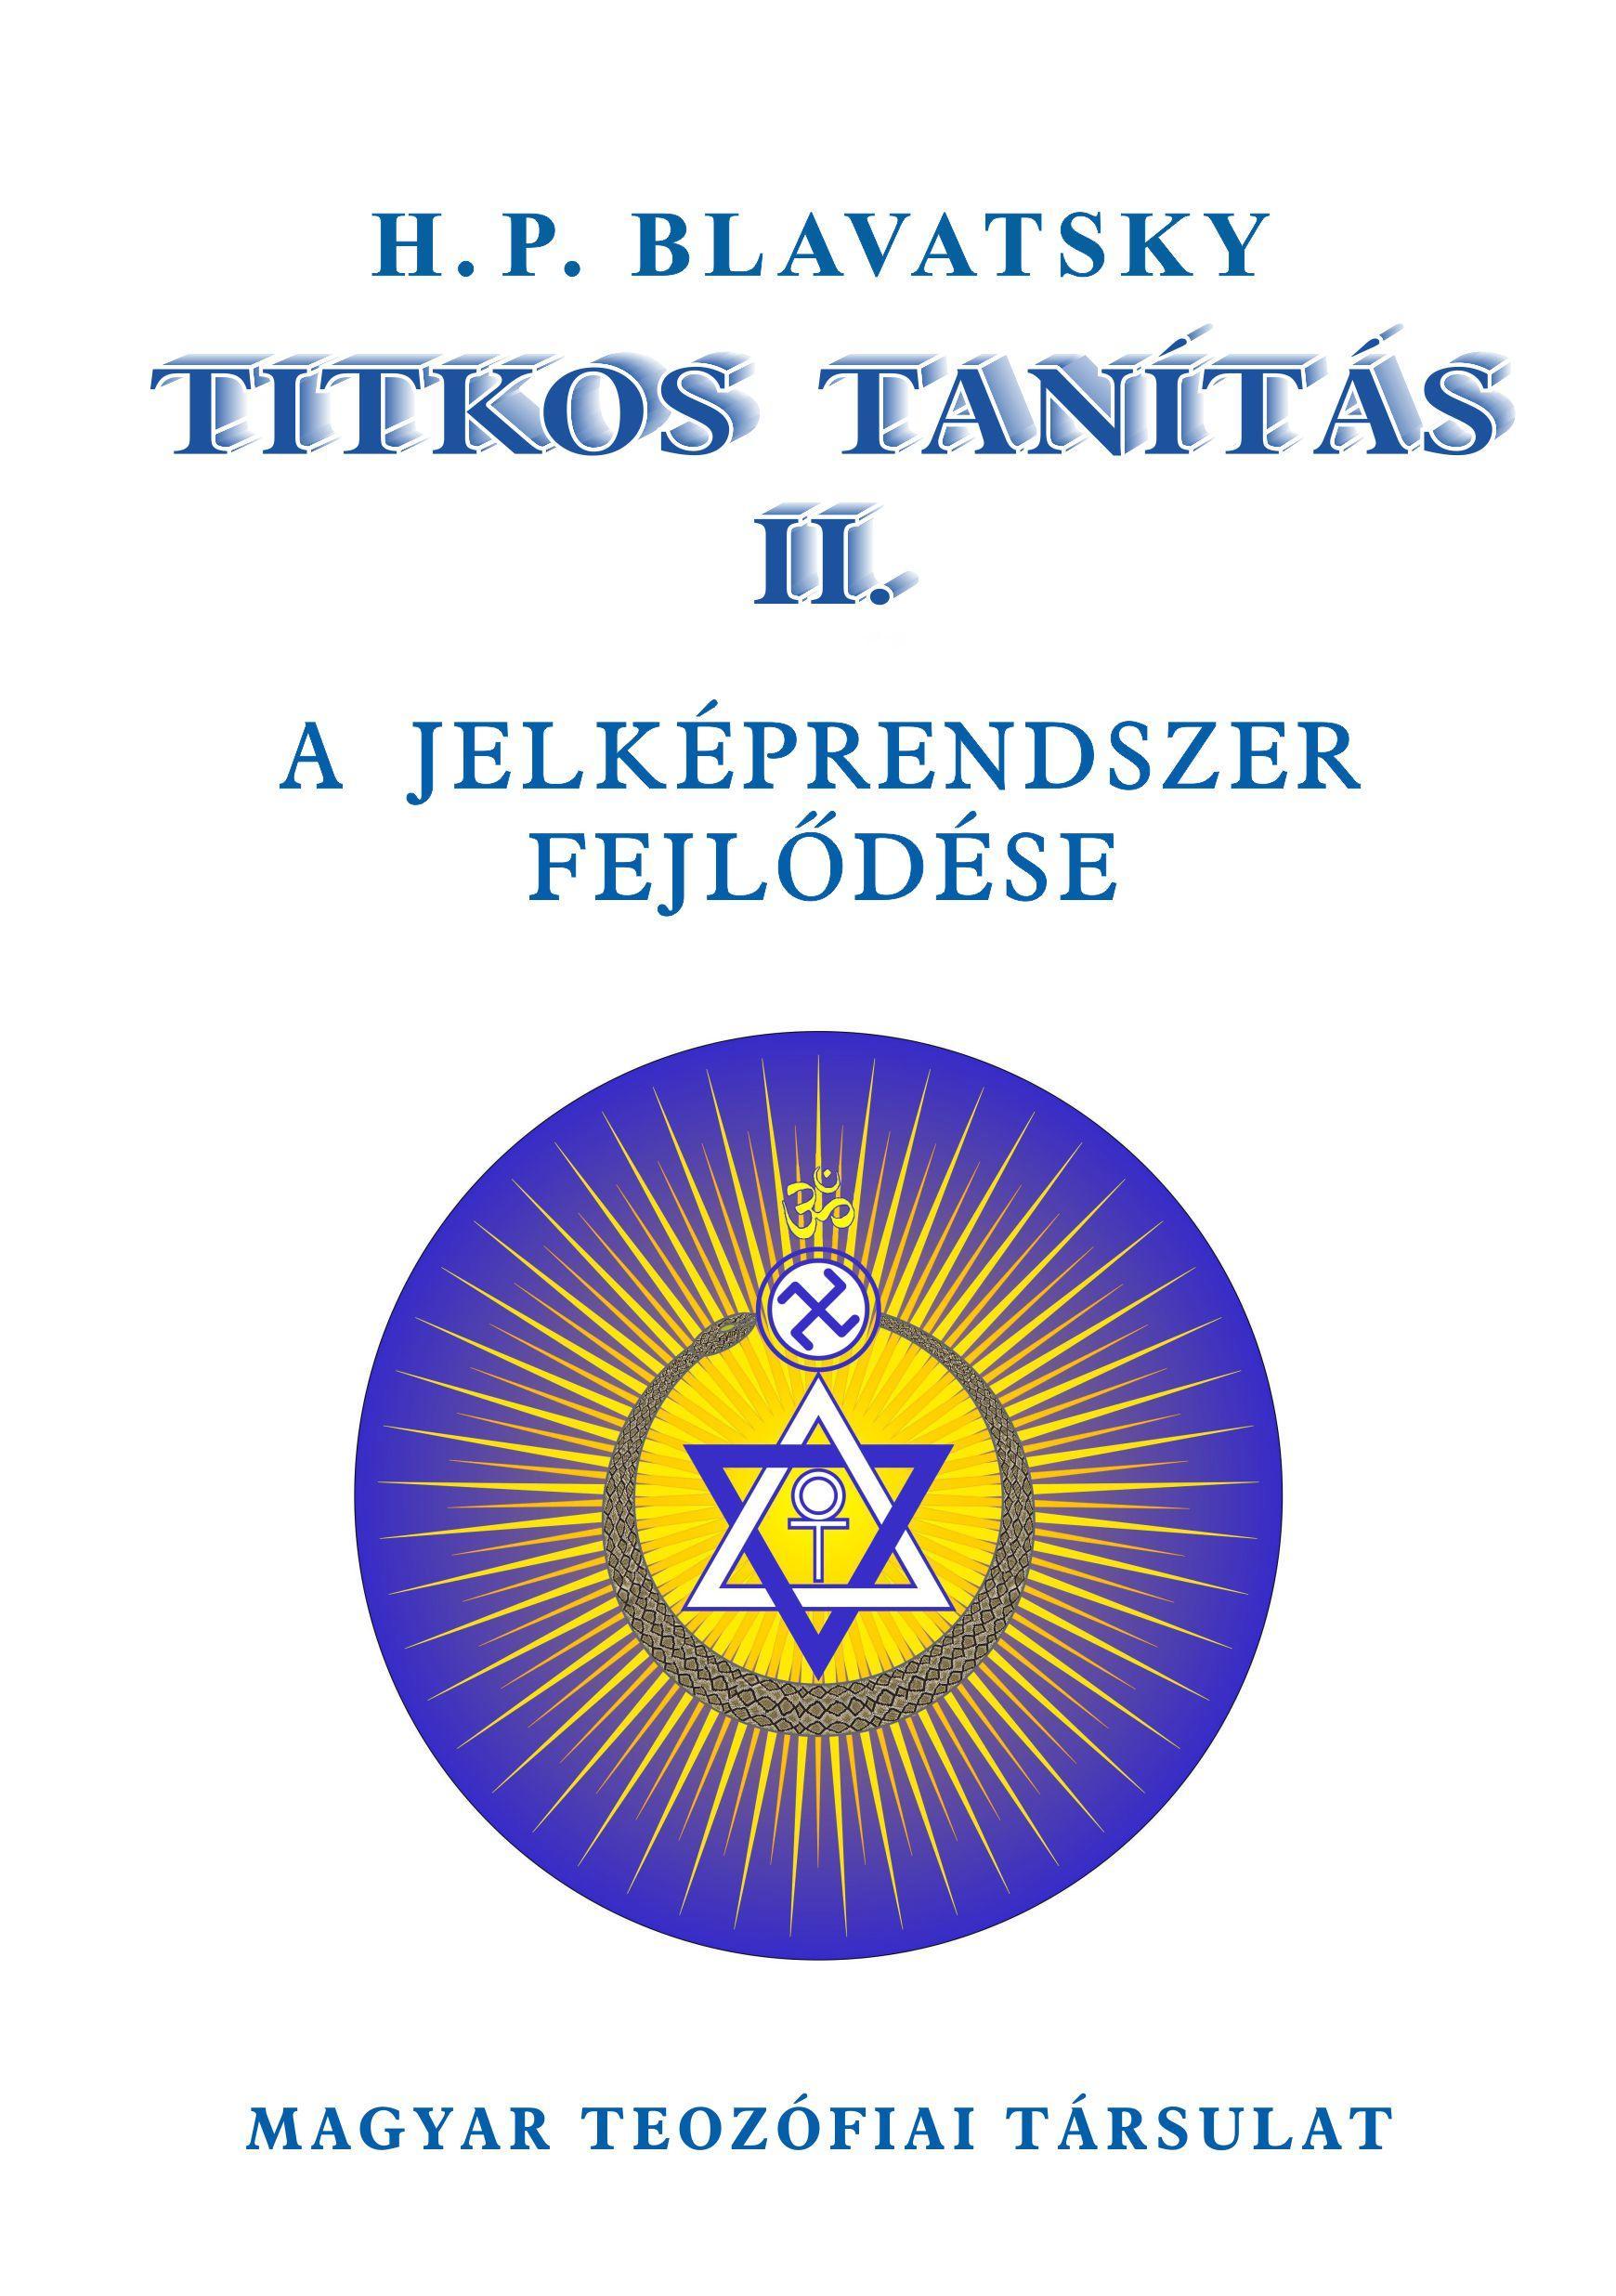 BLAVATSKY, H.P. - TITKOS TANÍTÁS II. - A JELKÉPRENDSZER FEJLŐDÉSE